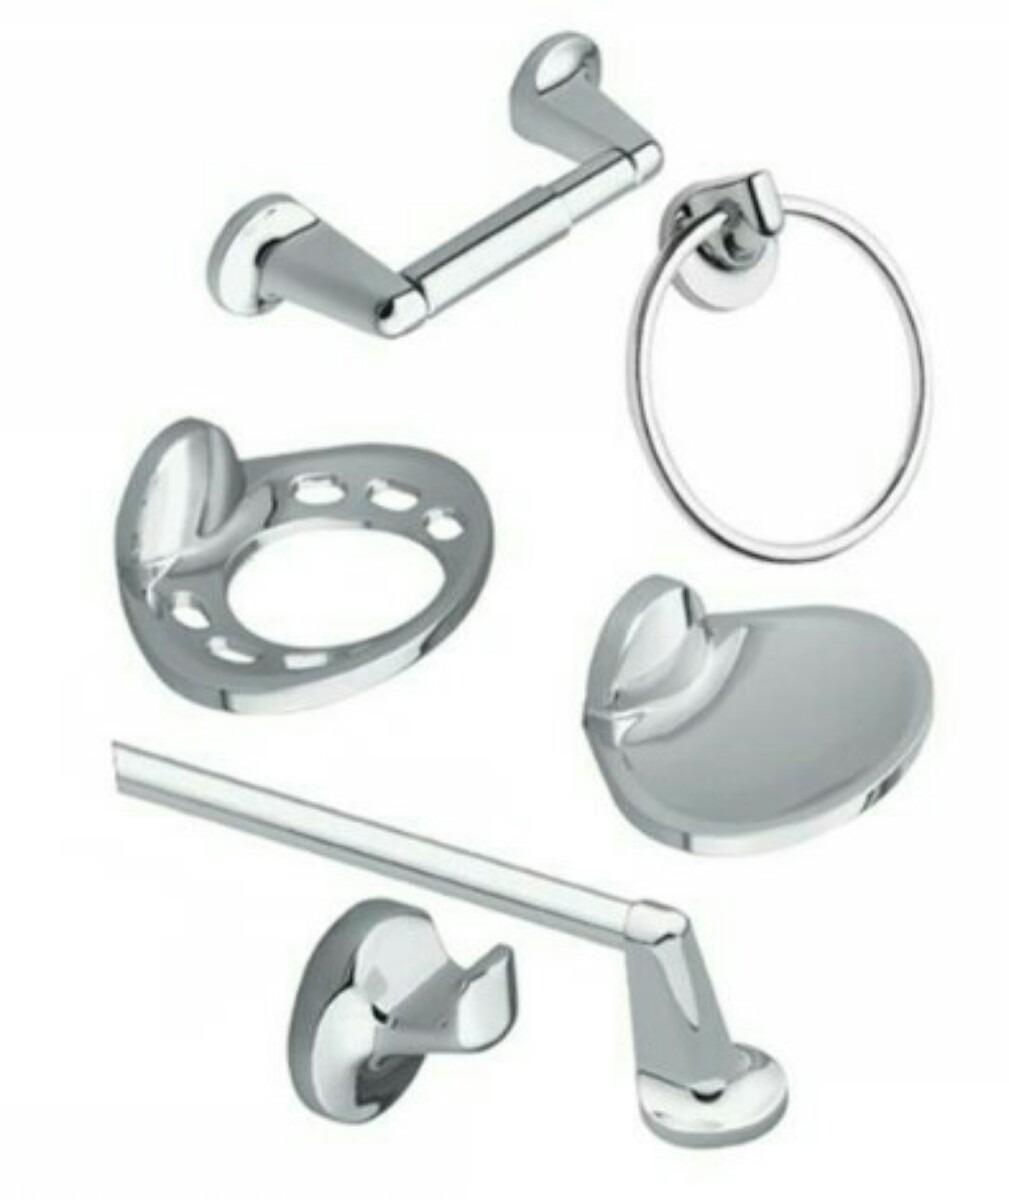 Juegos de accesorios para sala de ba os cromados 6 piezas for Marcas accesorios bano